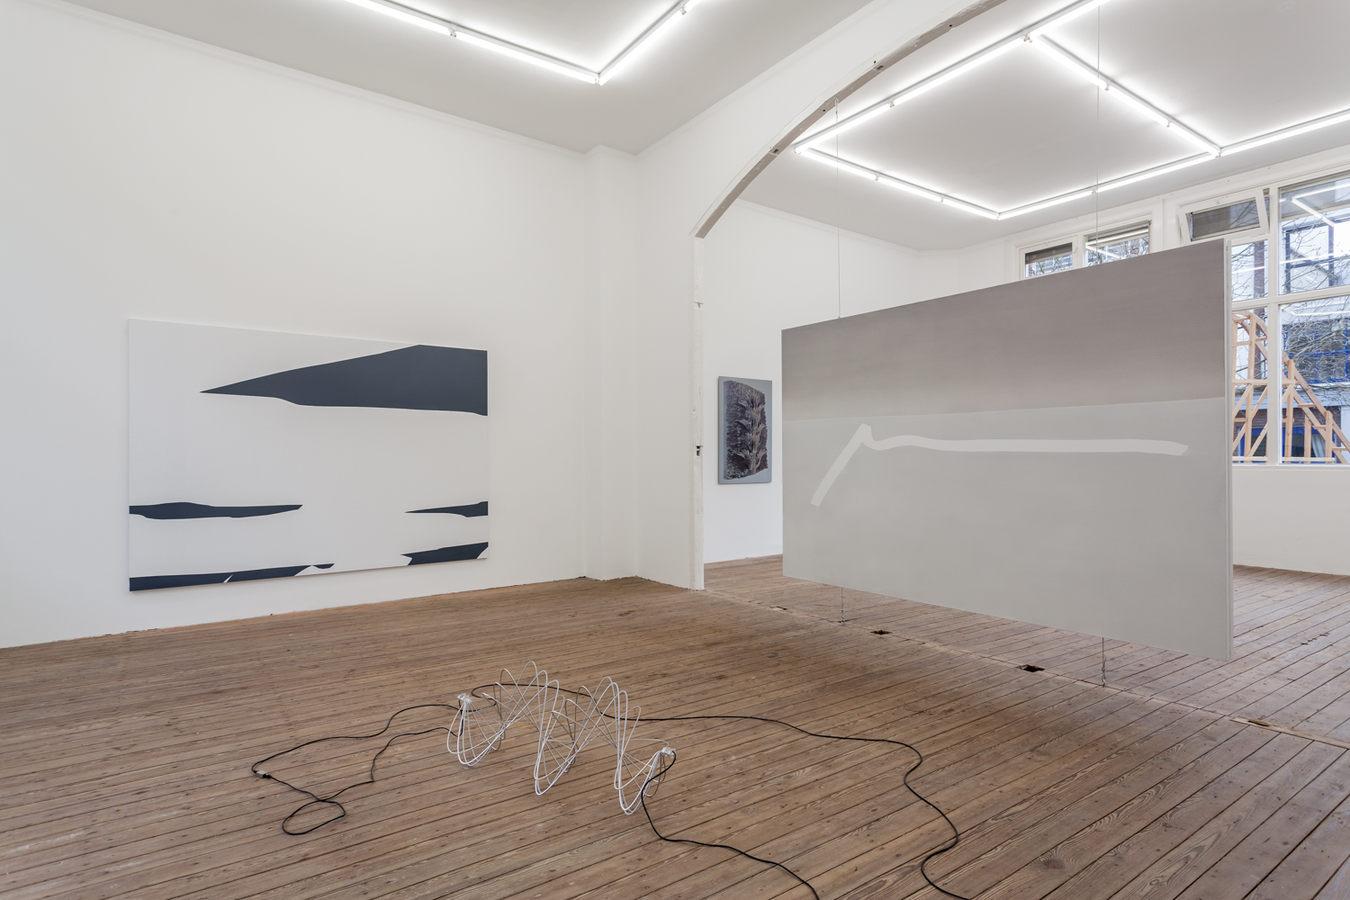 Installation view; Spiros Hadjidjanos, Sara Ludy, Priscilla Tea; Galerie Gabriel Rolt (1